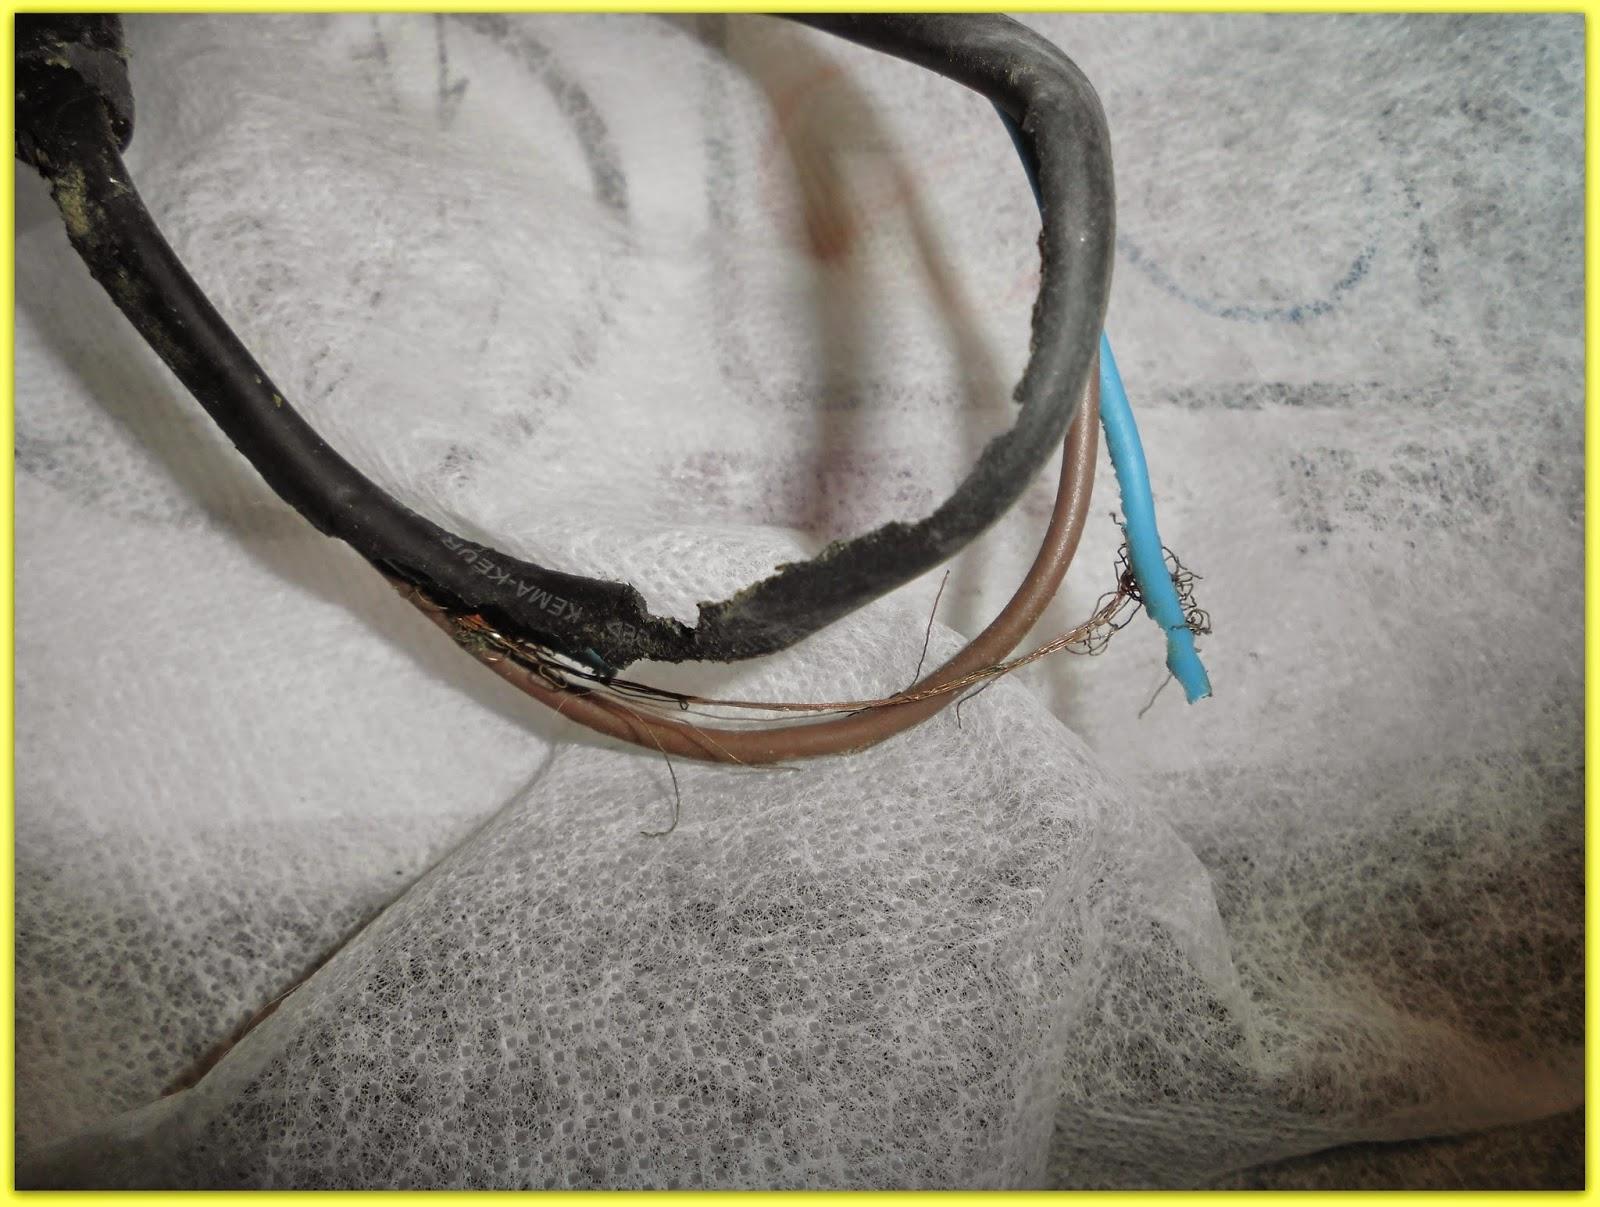 cambiare presa elettrica collegare fili